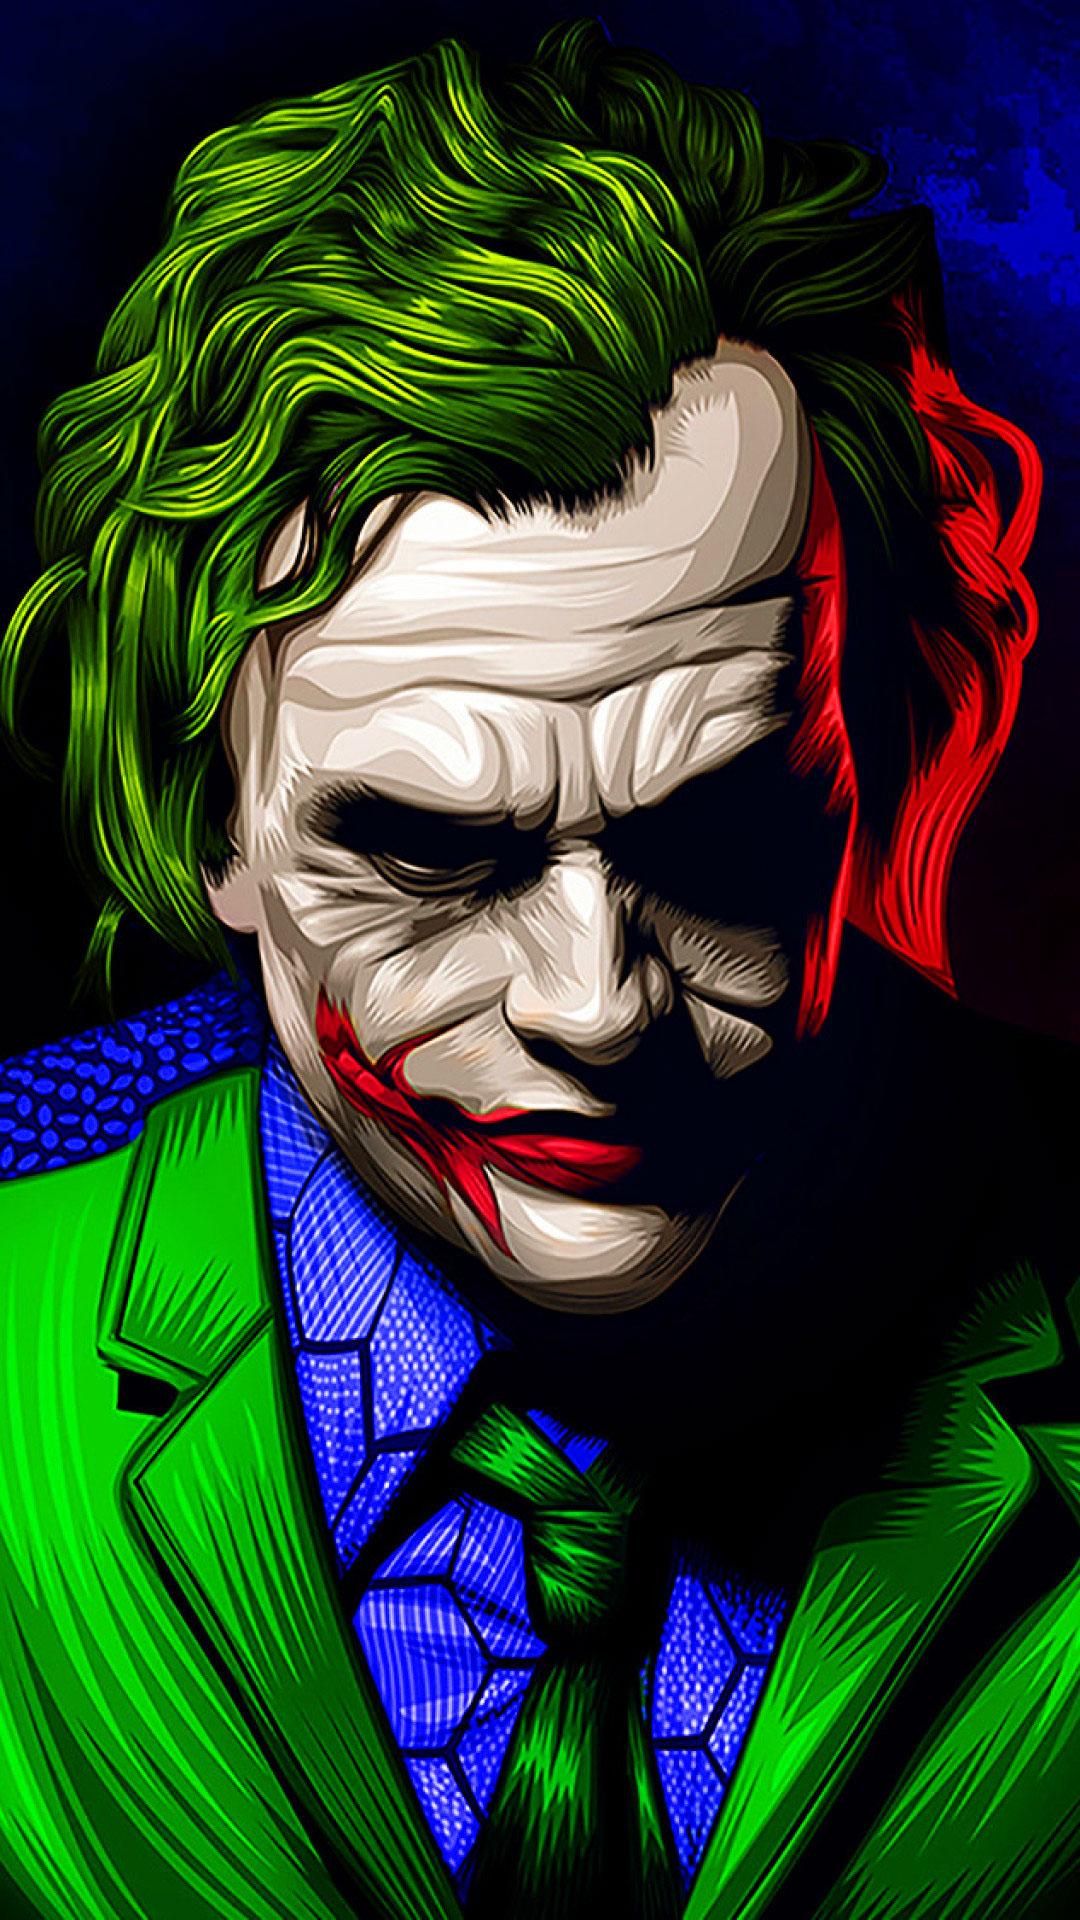 2021 Joker Whatsapp Dp Images 1